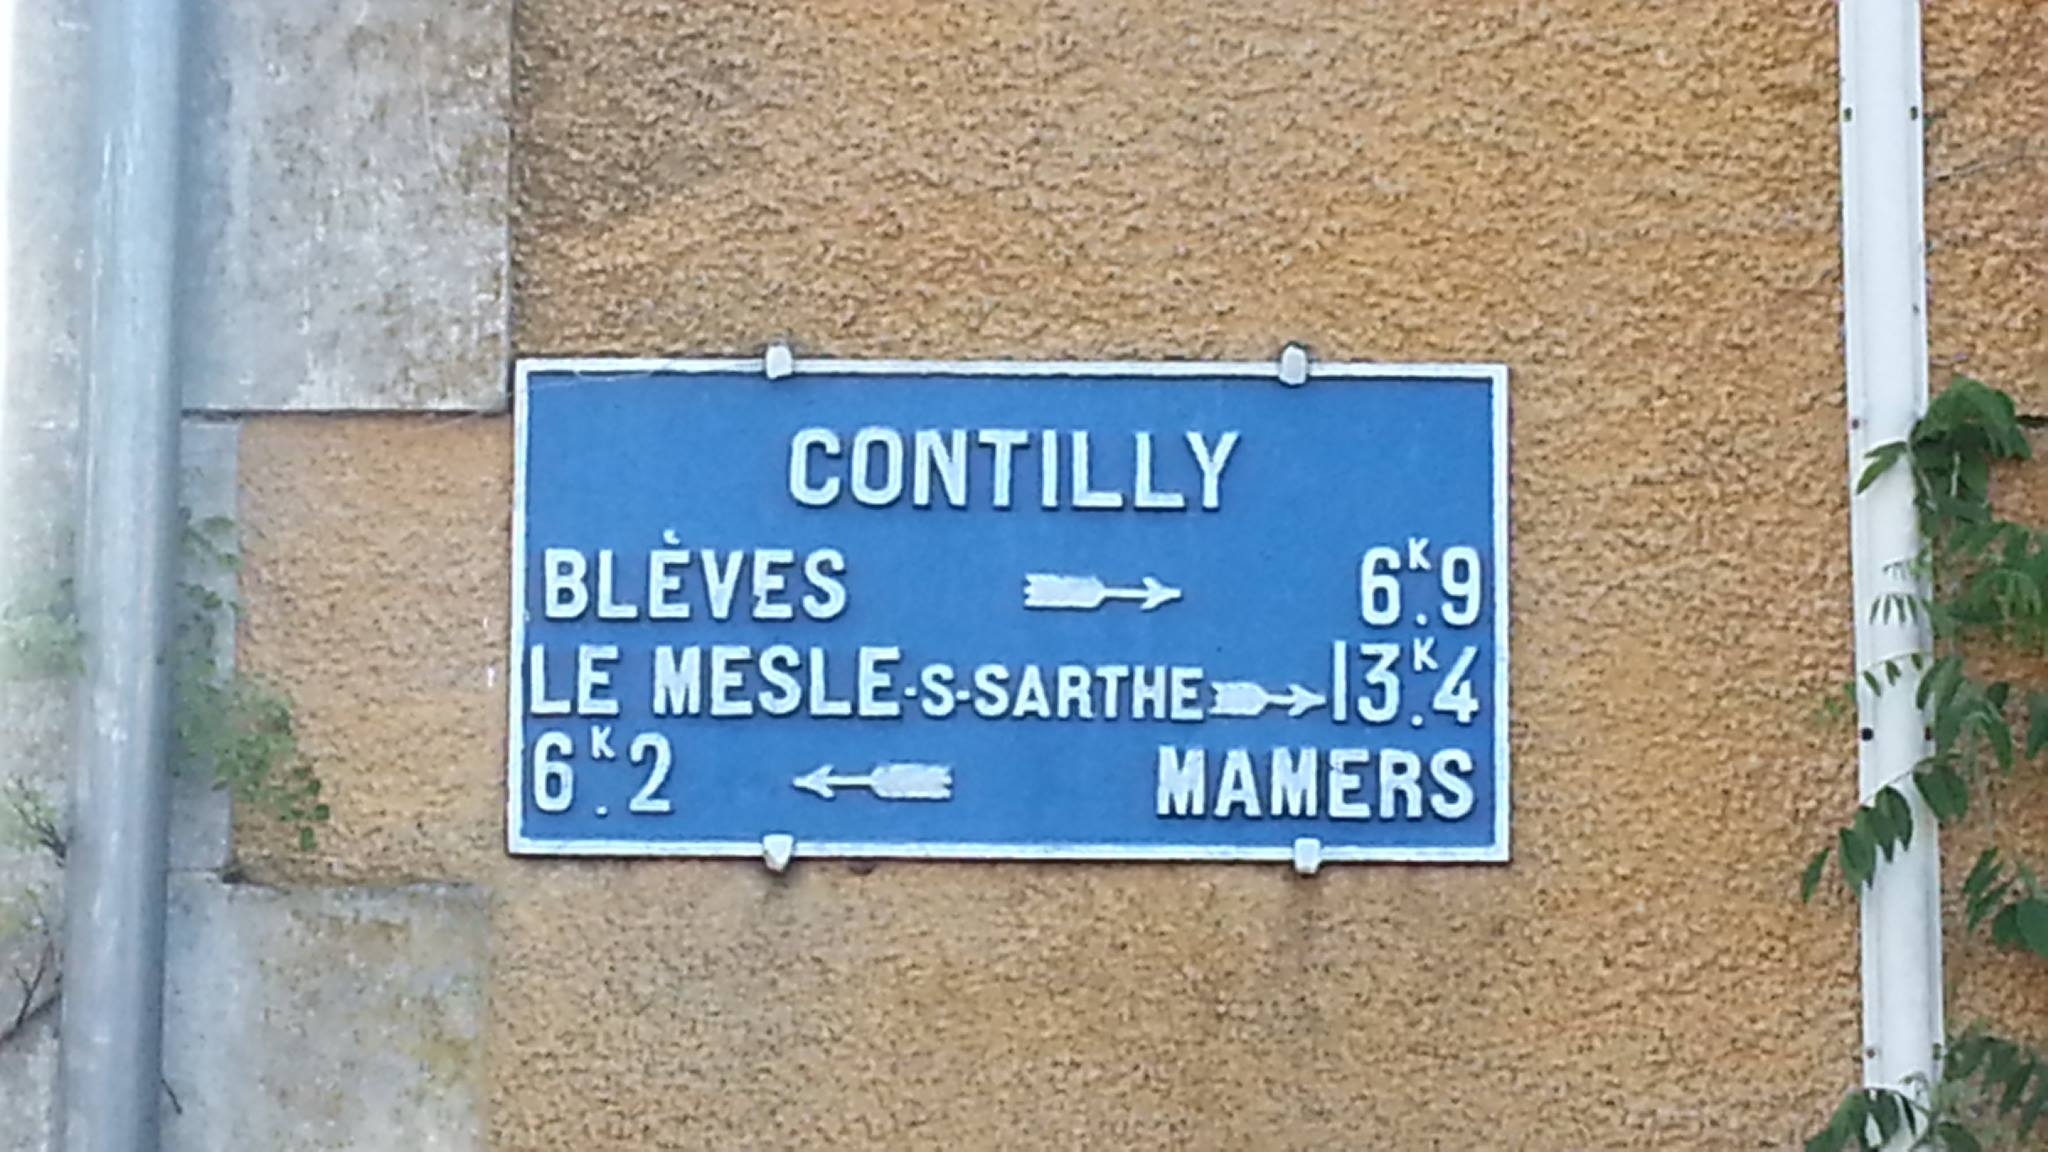 Contilly - Plaque de cocher - Blèves - Le Mesle sur Sarthe - Mamers (Fabienne Germain)